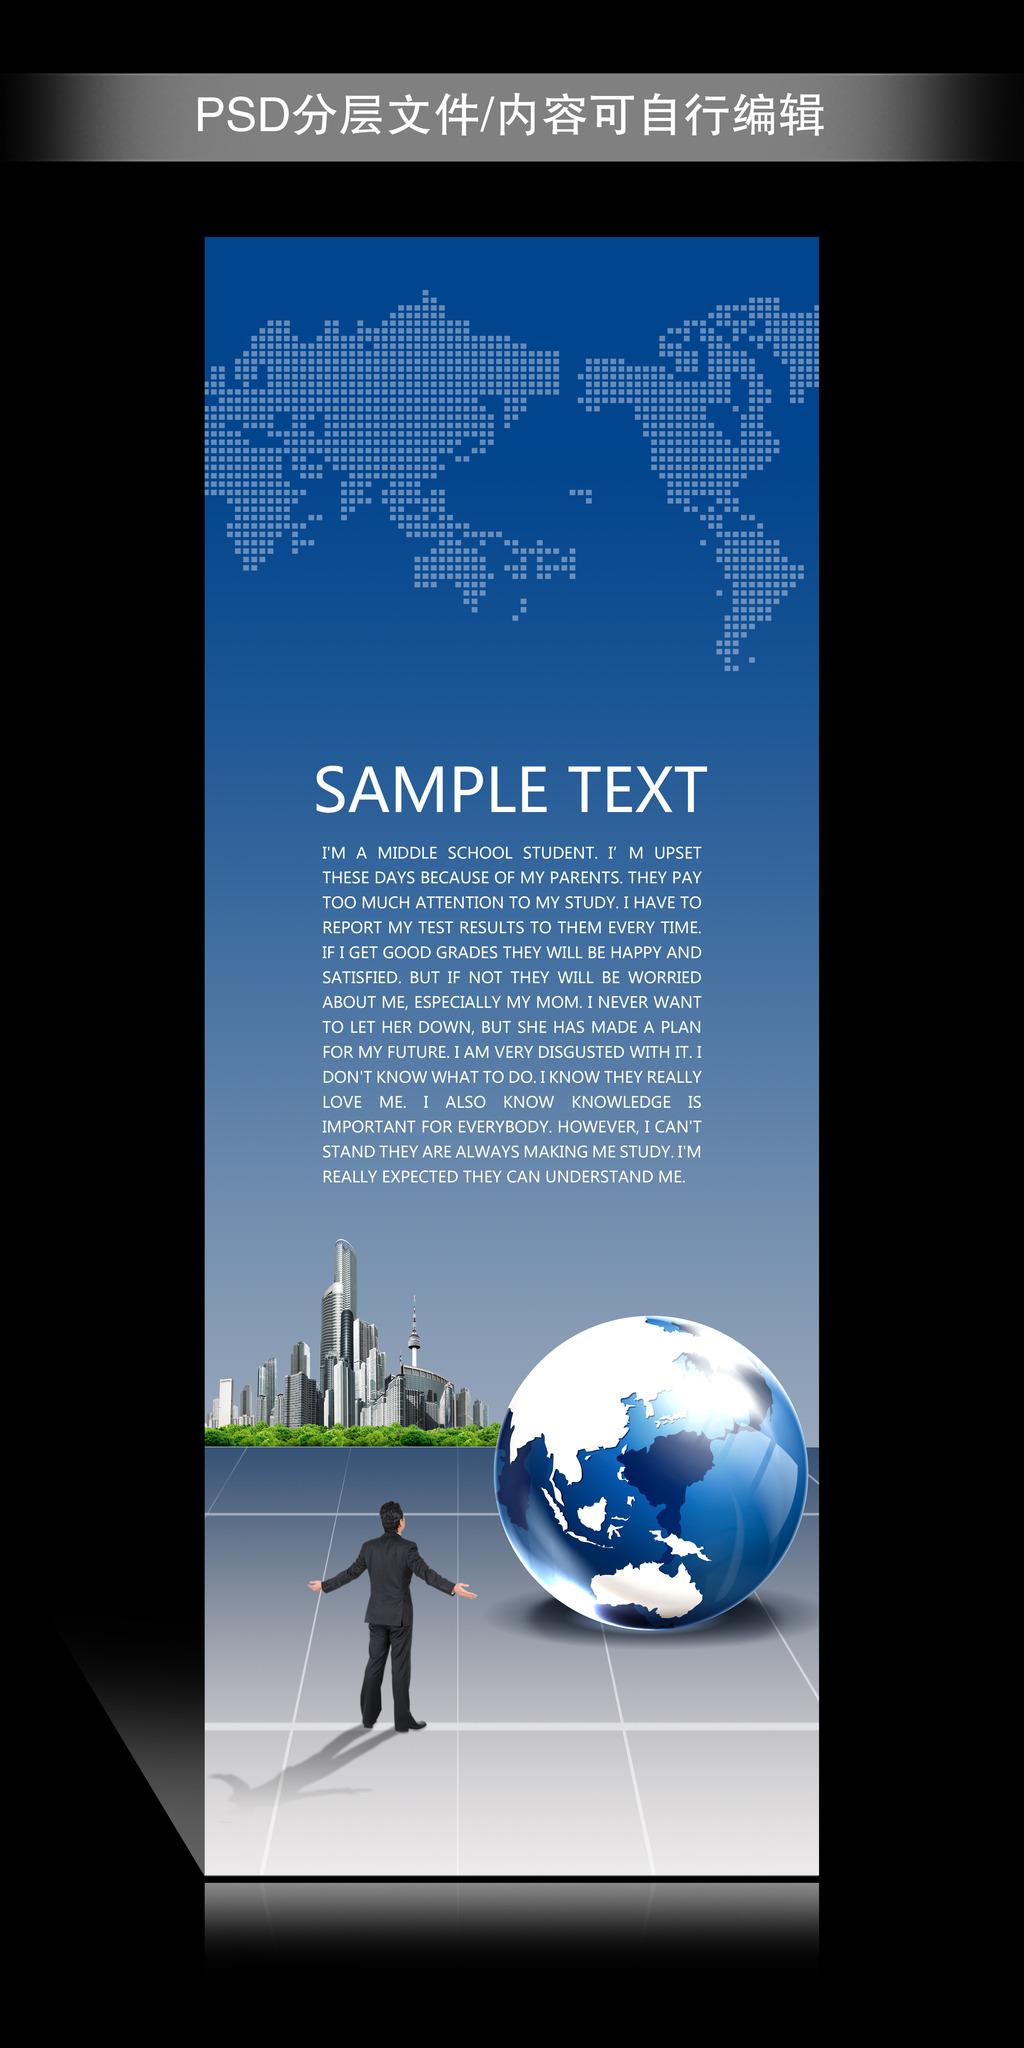 蓝色背景展架易拉宝模板下载 蓝色背景展架易拉宝图片下载 商务科技